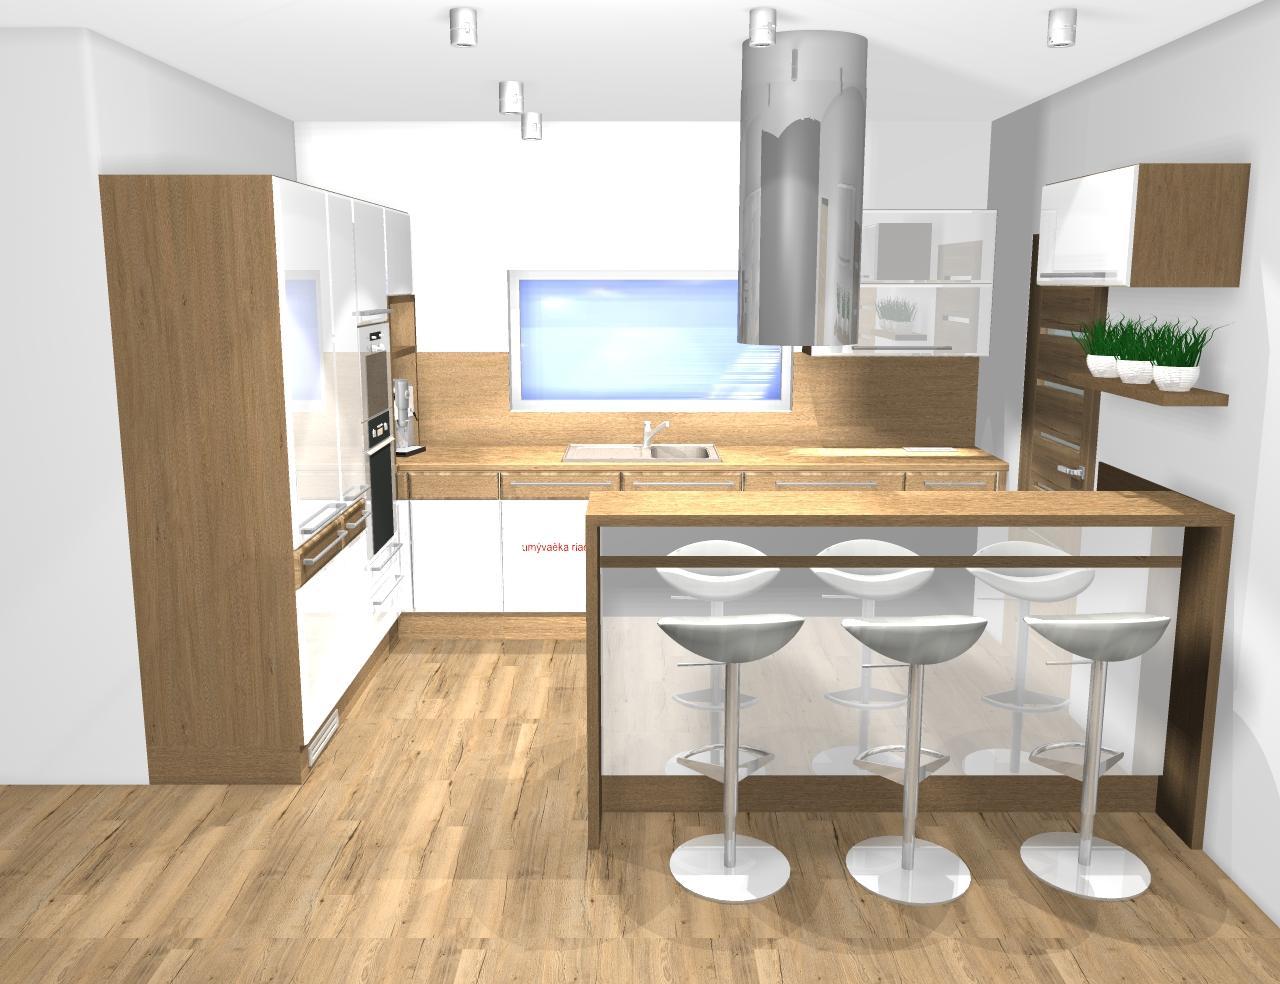 Grafické návrhy kuchynských liniek 2019 - Grafický návrh kuchynskej linky do rodinného domu - obr.1